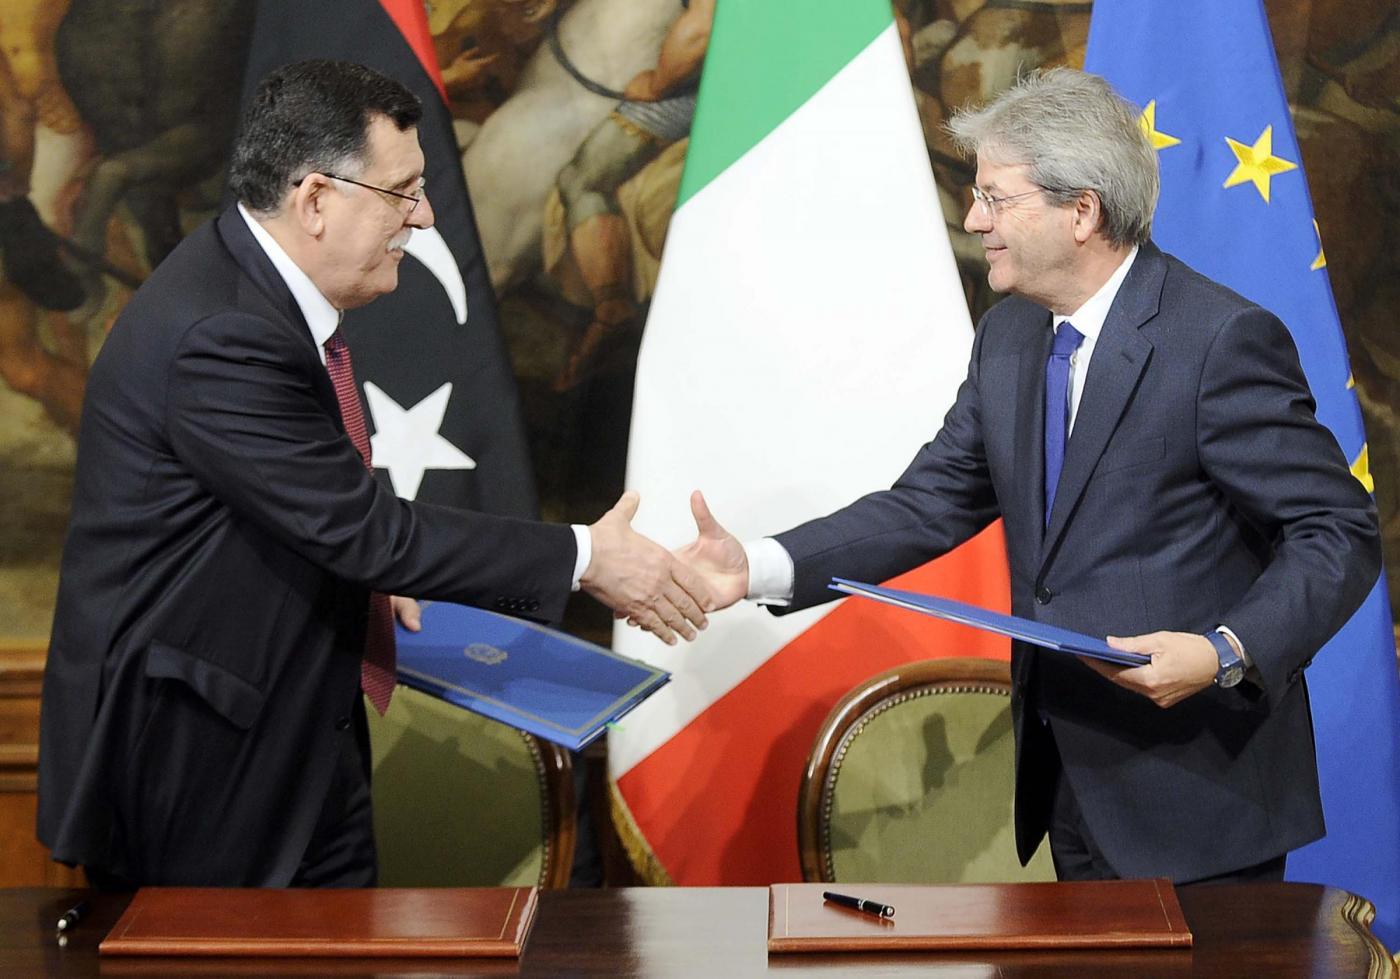 Immigrazione: Libia e Italia firmano l'accordo col sostegno dell'Europa